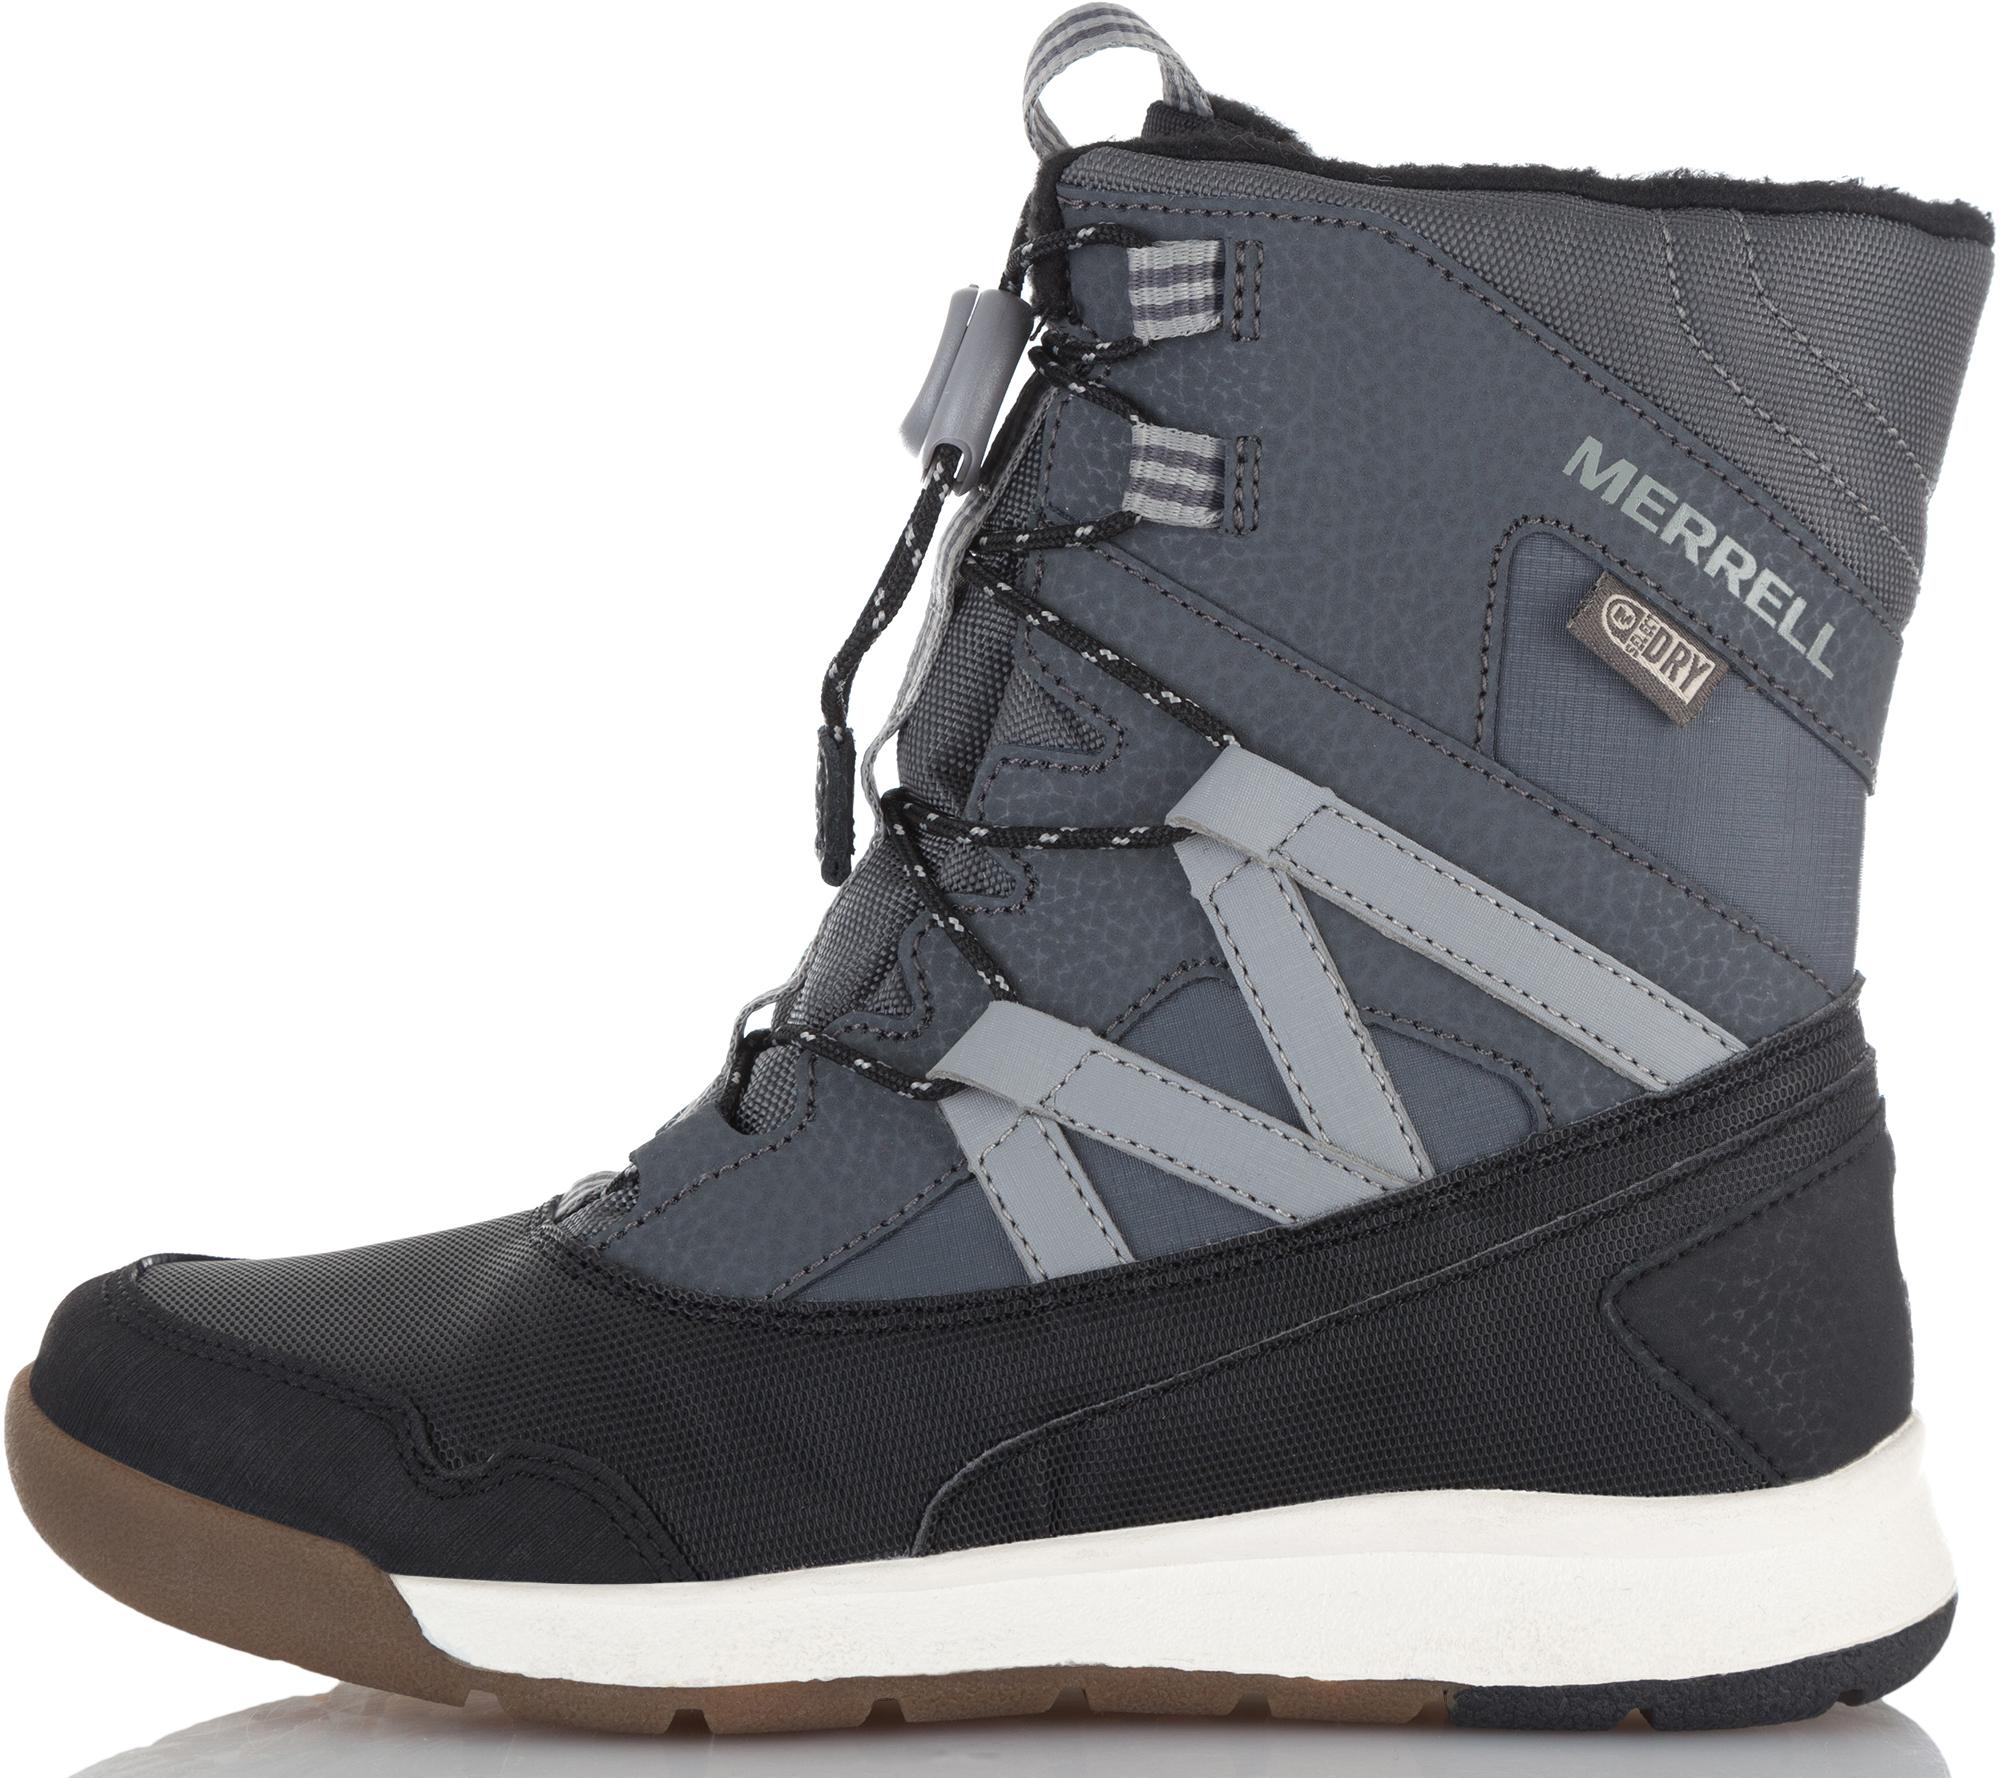 Merrell Ботинки утепленные для мальчиков M-Snow Crush Wtrpf, размер 40,5